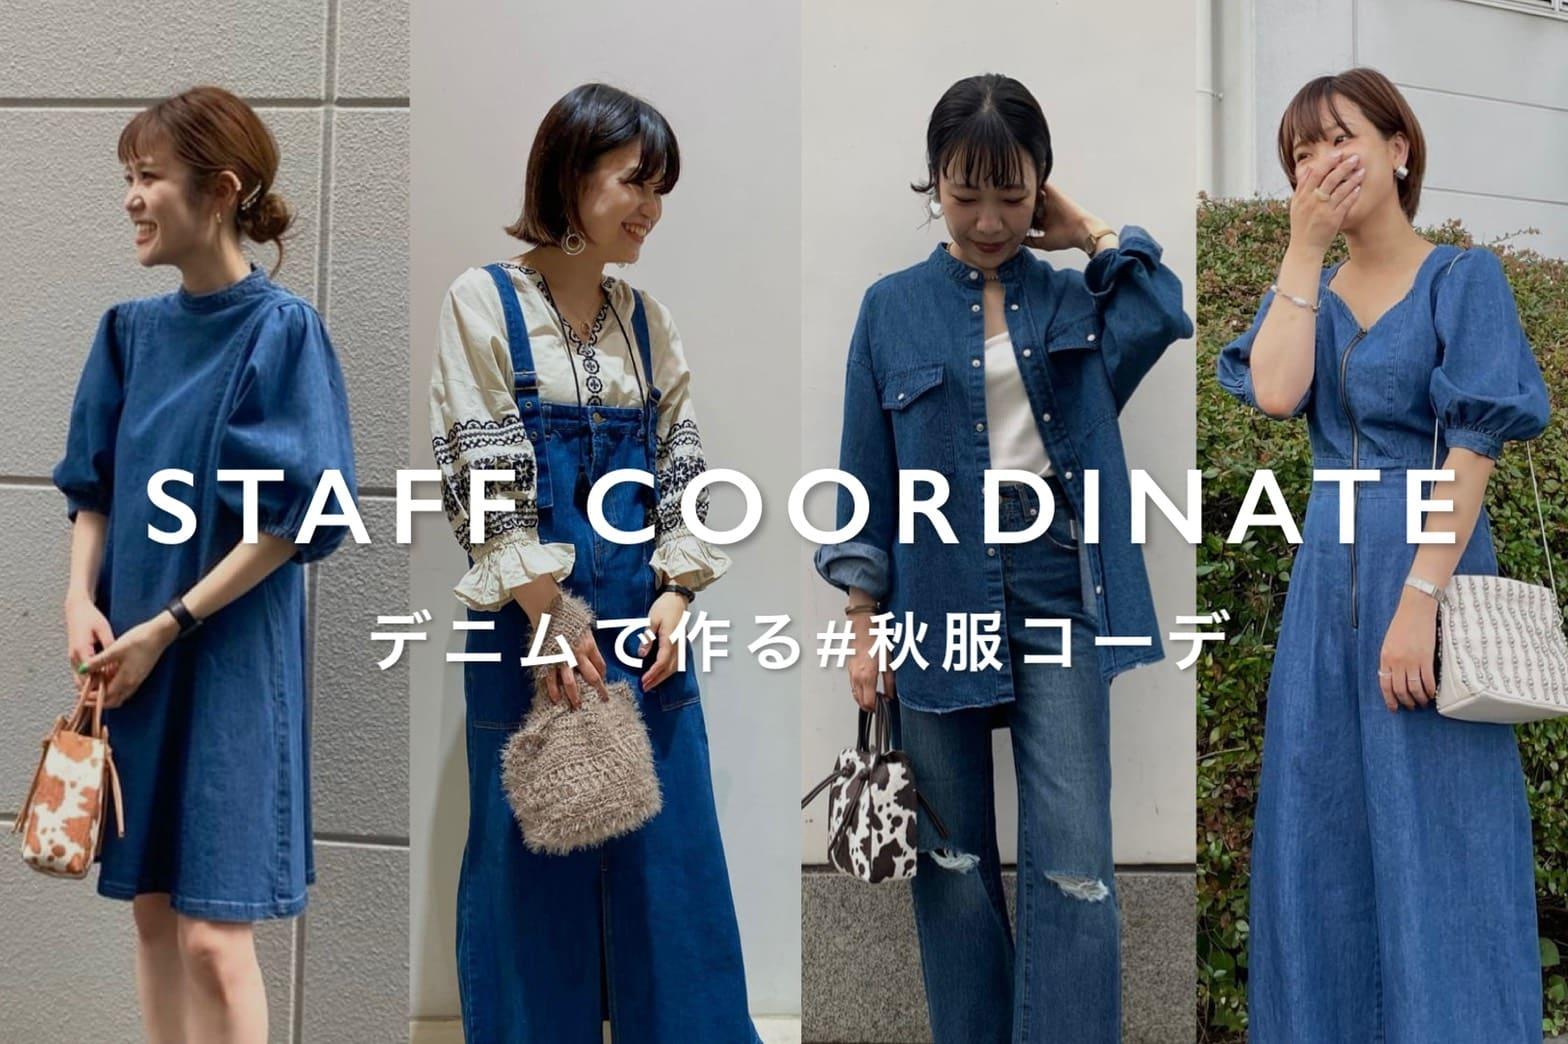 Discoat 【STAFF COORDINATE】デニムで作る#秋服コーデ